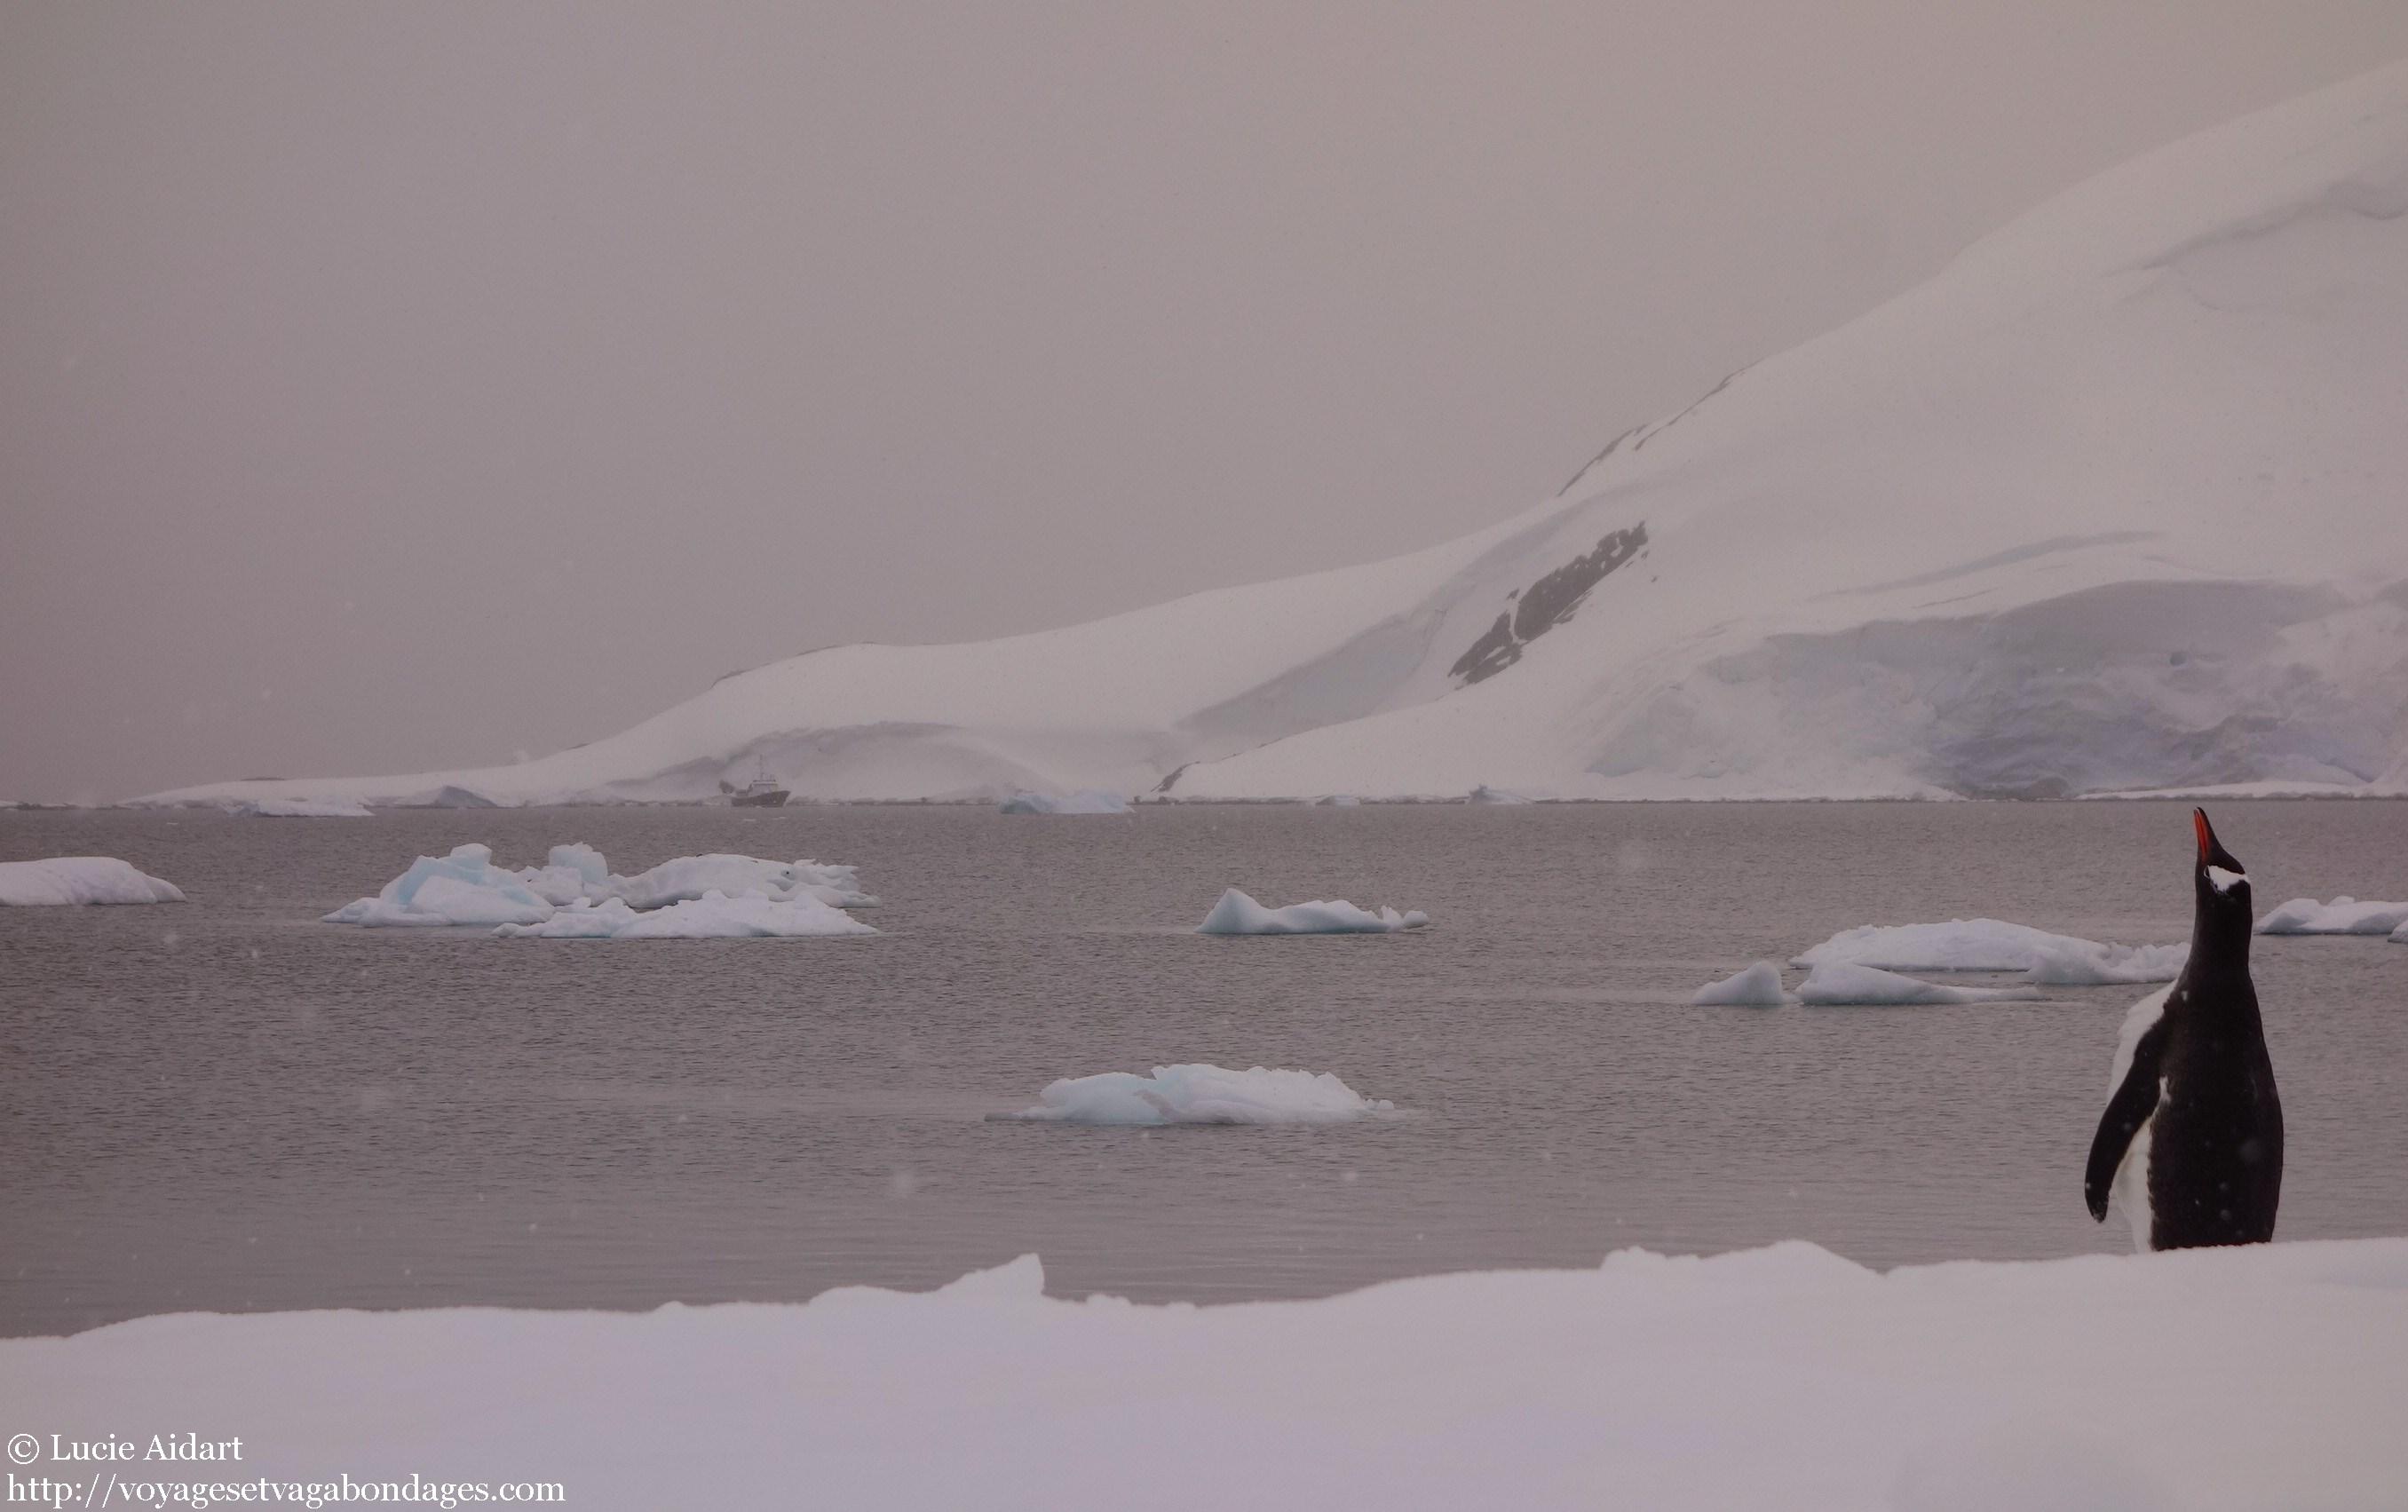 Voyage en antarctique dormir la belle toile - J ai bien dormi ...